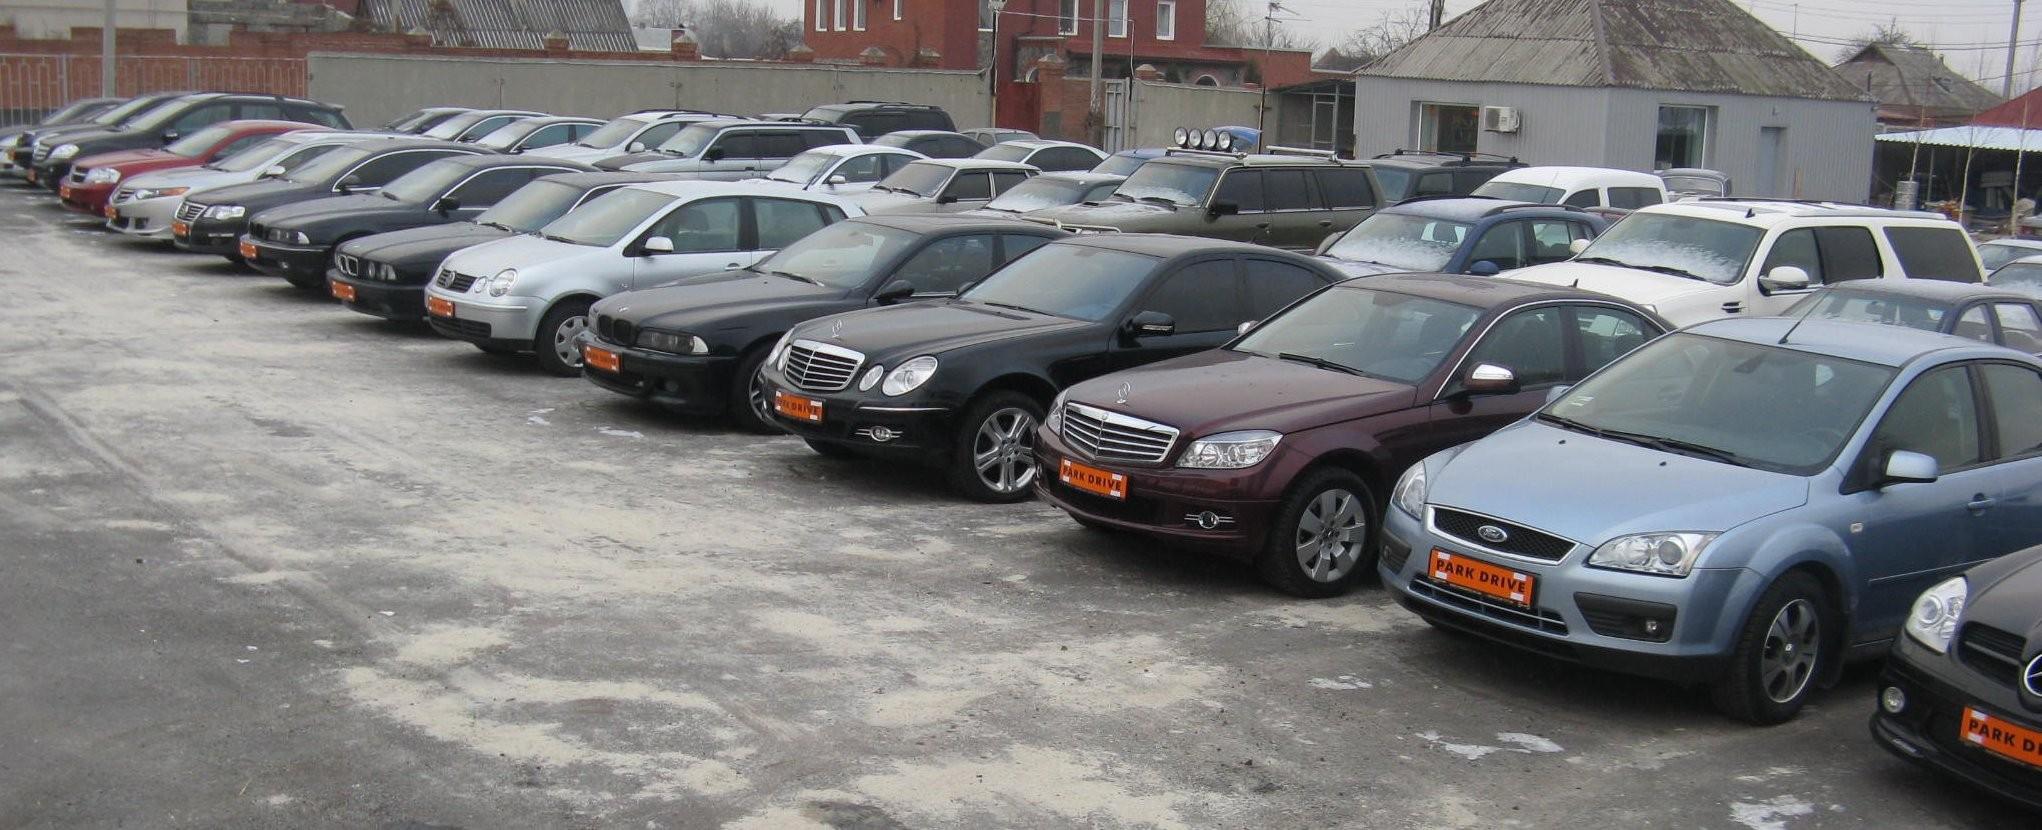 тему продаж бу авто в москве новгородском княжеском